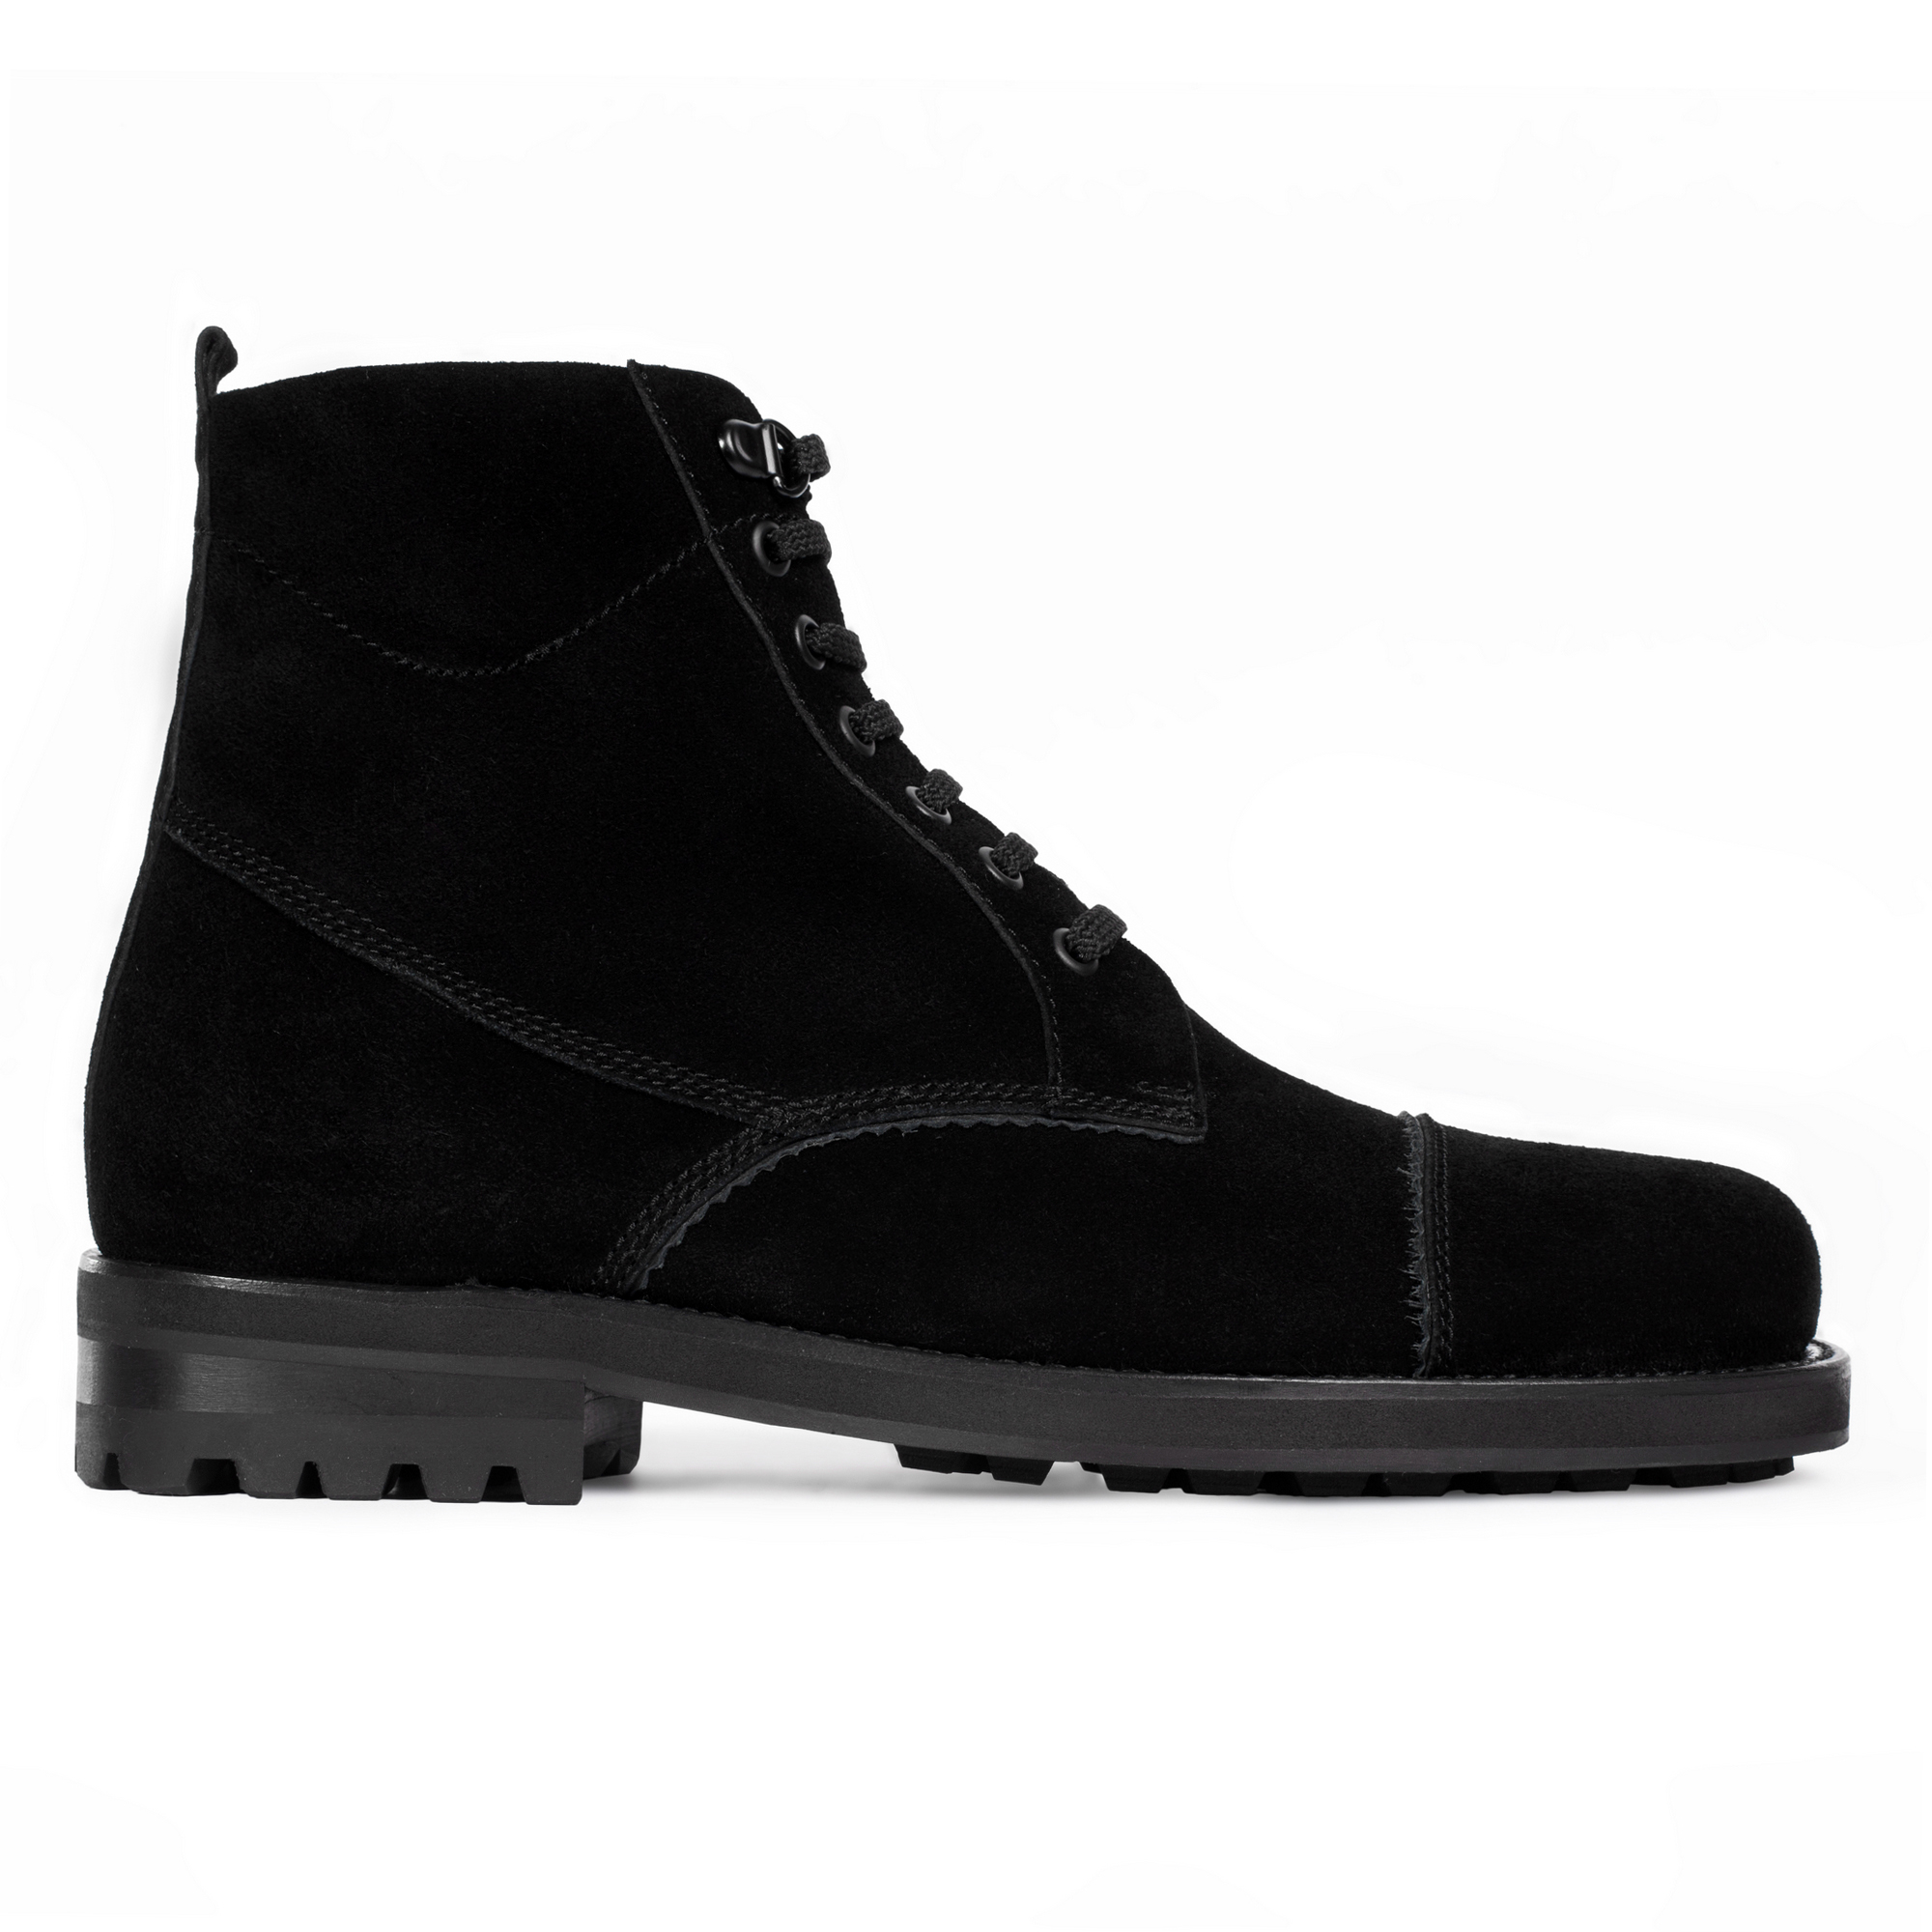 Высокие ботинки из замши черного цвета со шнуровкой на мехуБотинки мужские<br><br>Материал верха: Замша<br>Материал подкладки: Мех<br>Материал подошвы: Полиуретан<br>Цвет: Черный<br>Высота каблука: 2 см<br>Дизайн: Италия<br>Страна производства: Китай<br><br>Высота каблука: 2 см<br>Материал верха: Замша<br>Материал подкладки: Мех<br>Цвет: Черный<br>Пол: Мужской<br>Вес кг: 0.90000000<br>Размер: 39